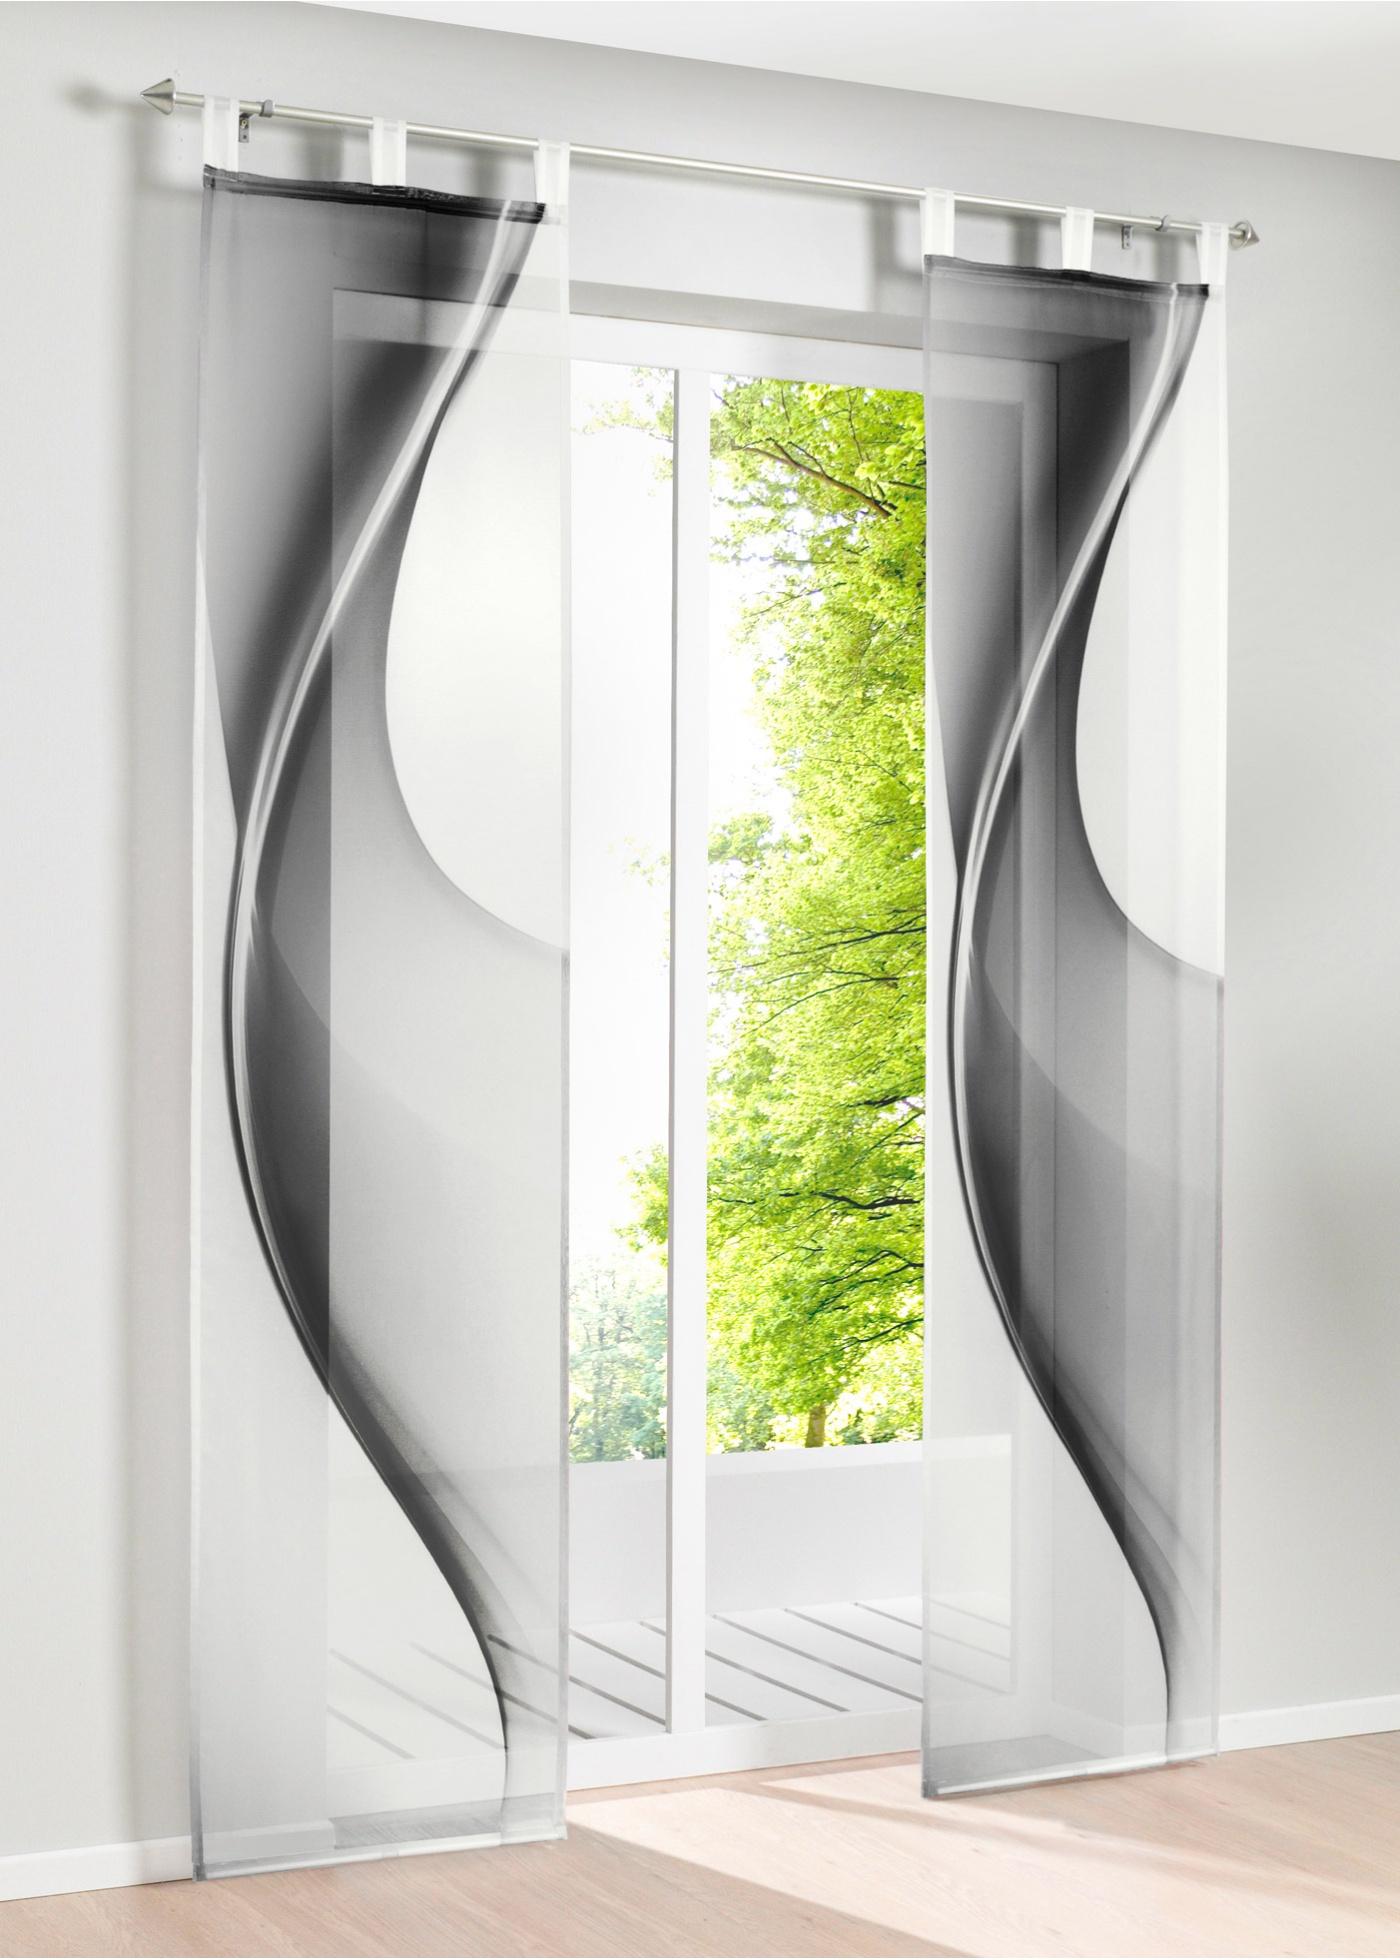 schiebegardinen sonstige preisvergleiche. Black Bedroom Furniture Sets. Home Design Ideas